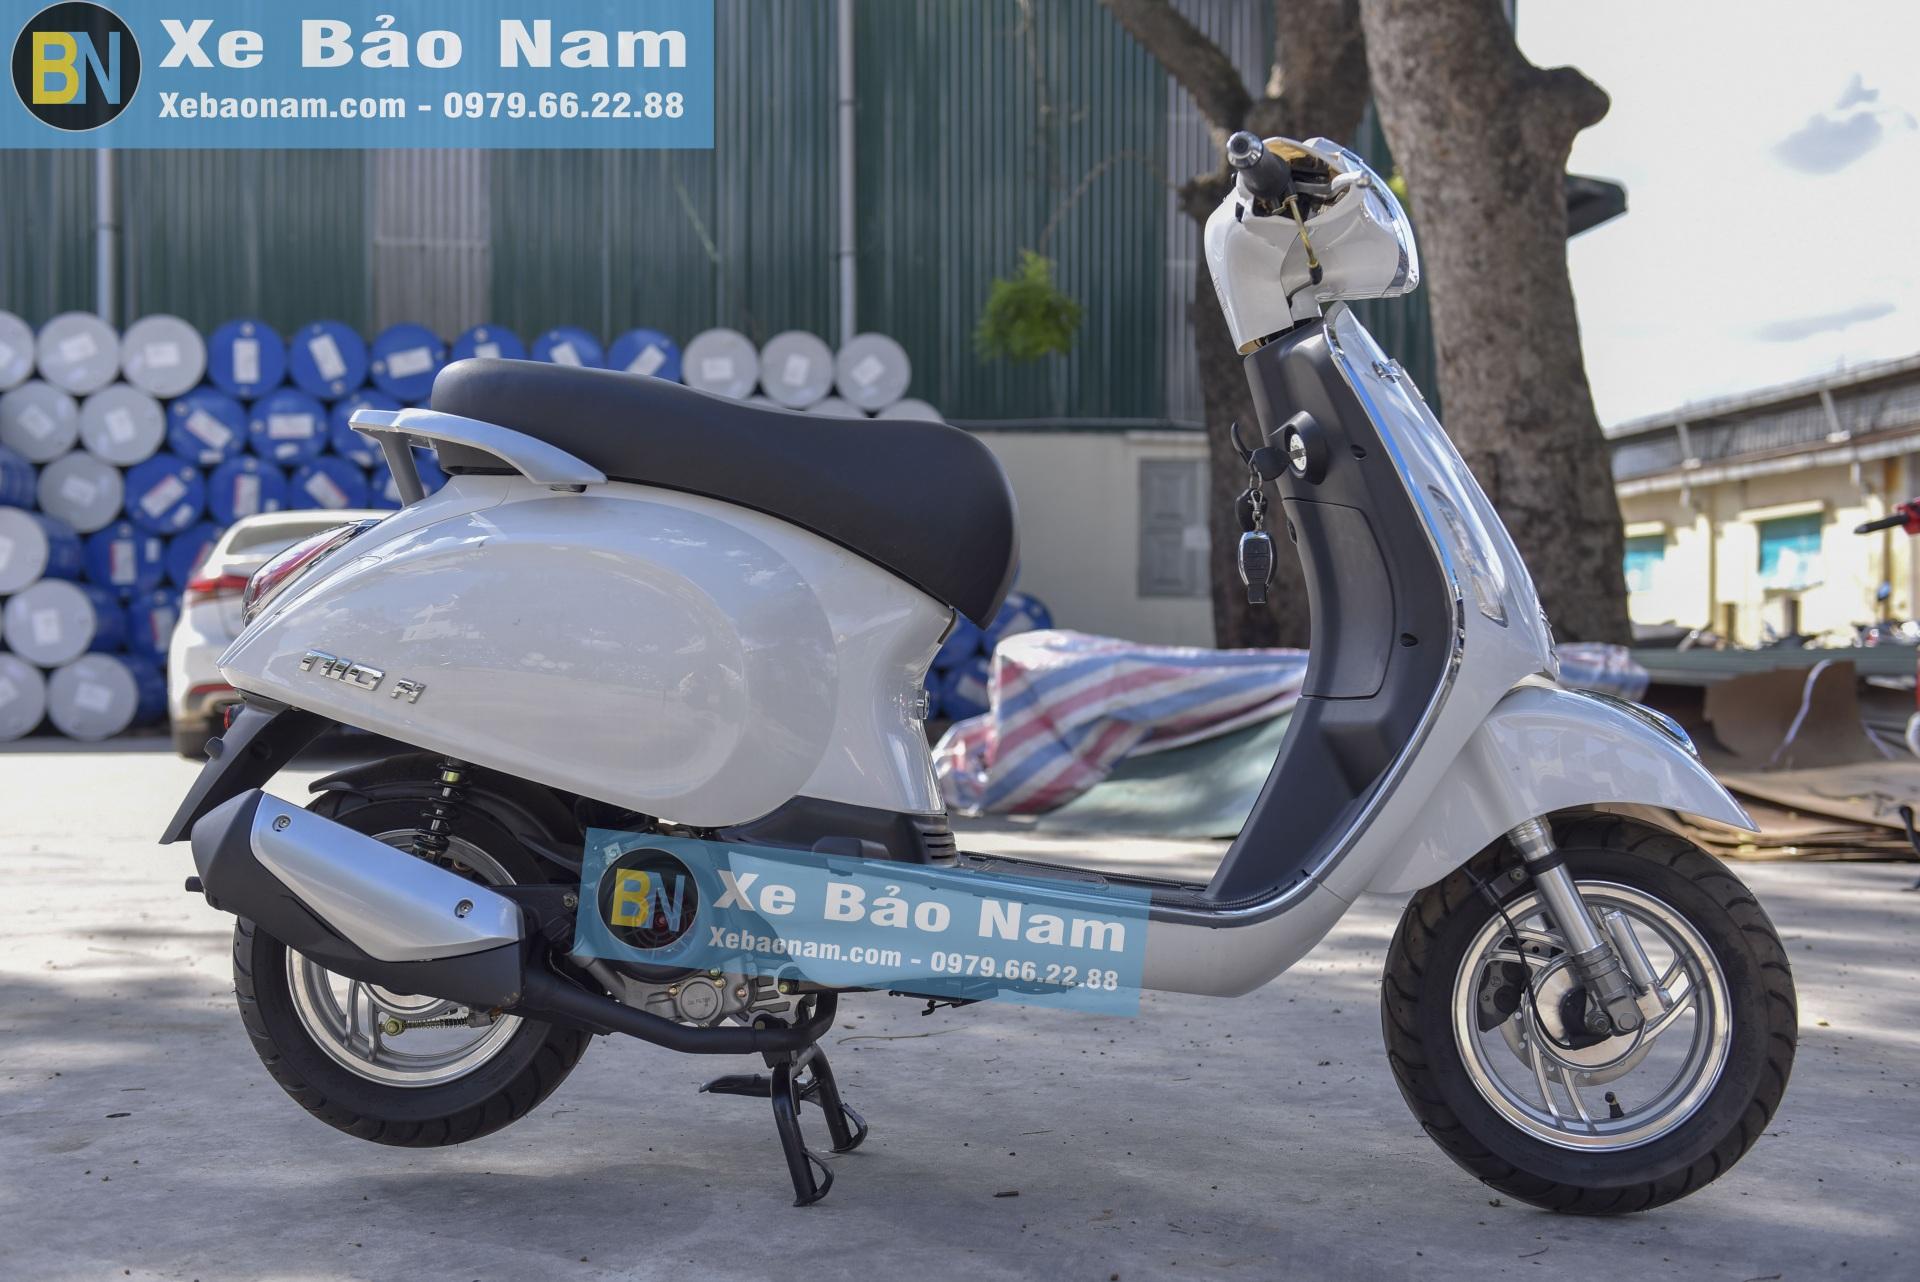 Vxe-ga-50cc-nio-f1-nioshima-mau-trang-01